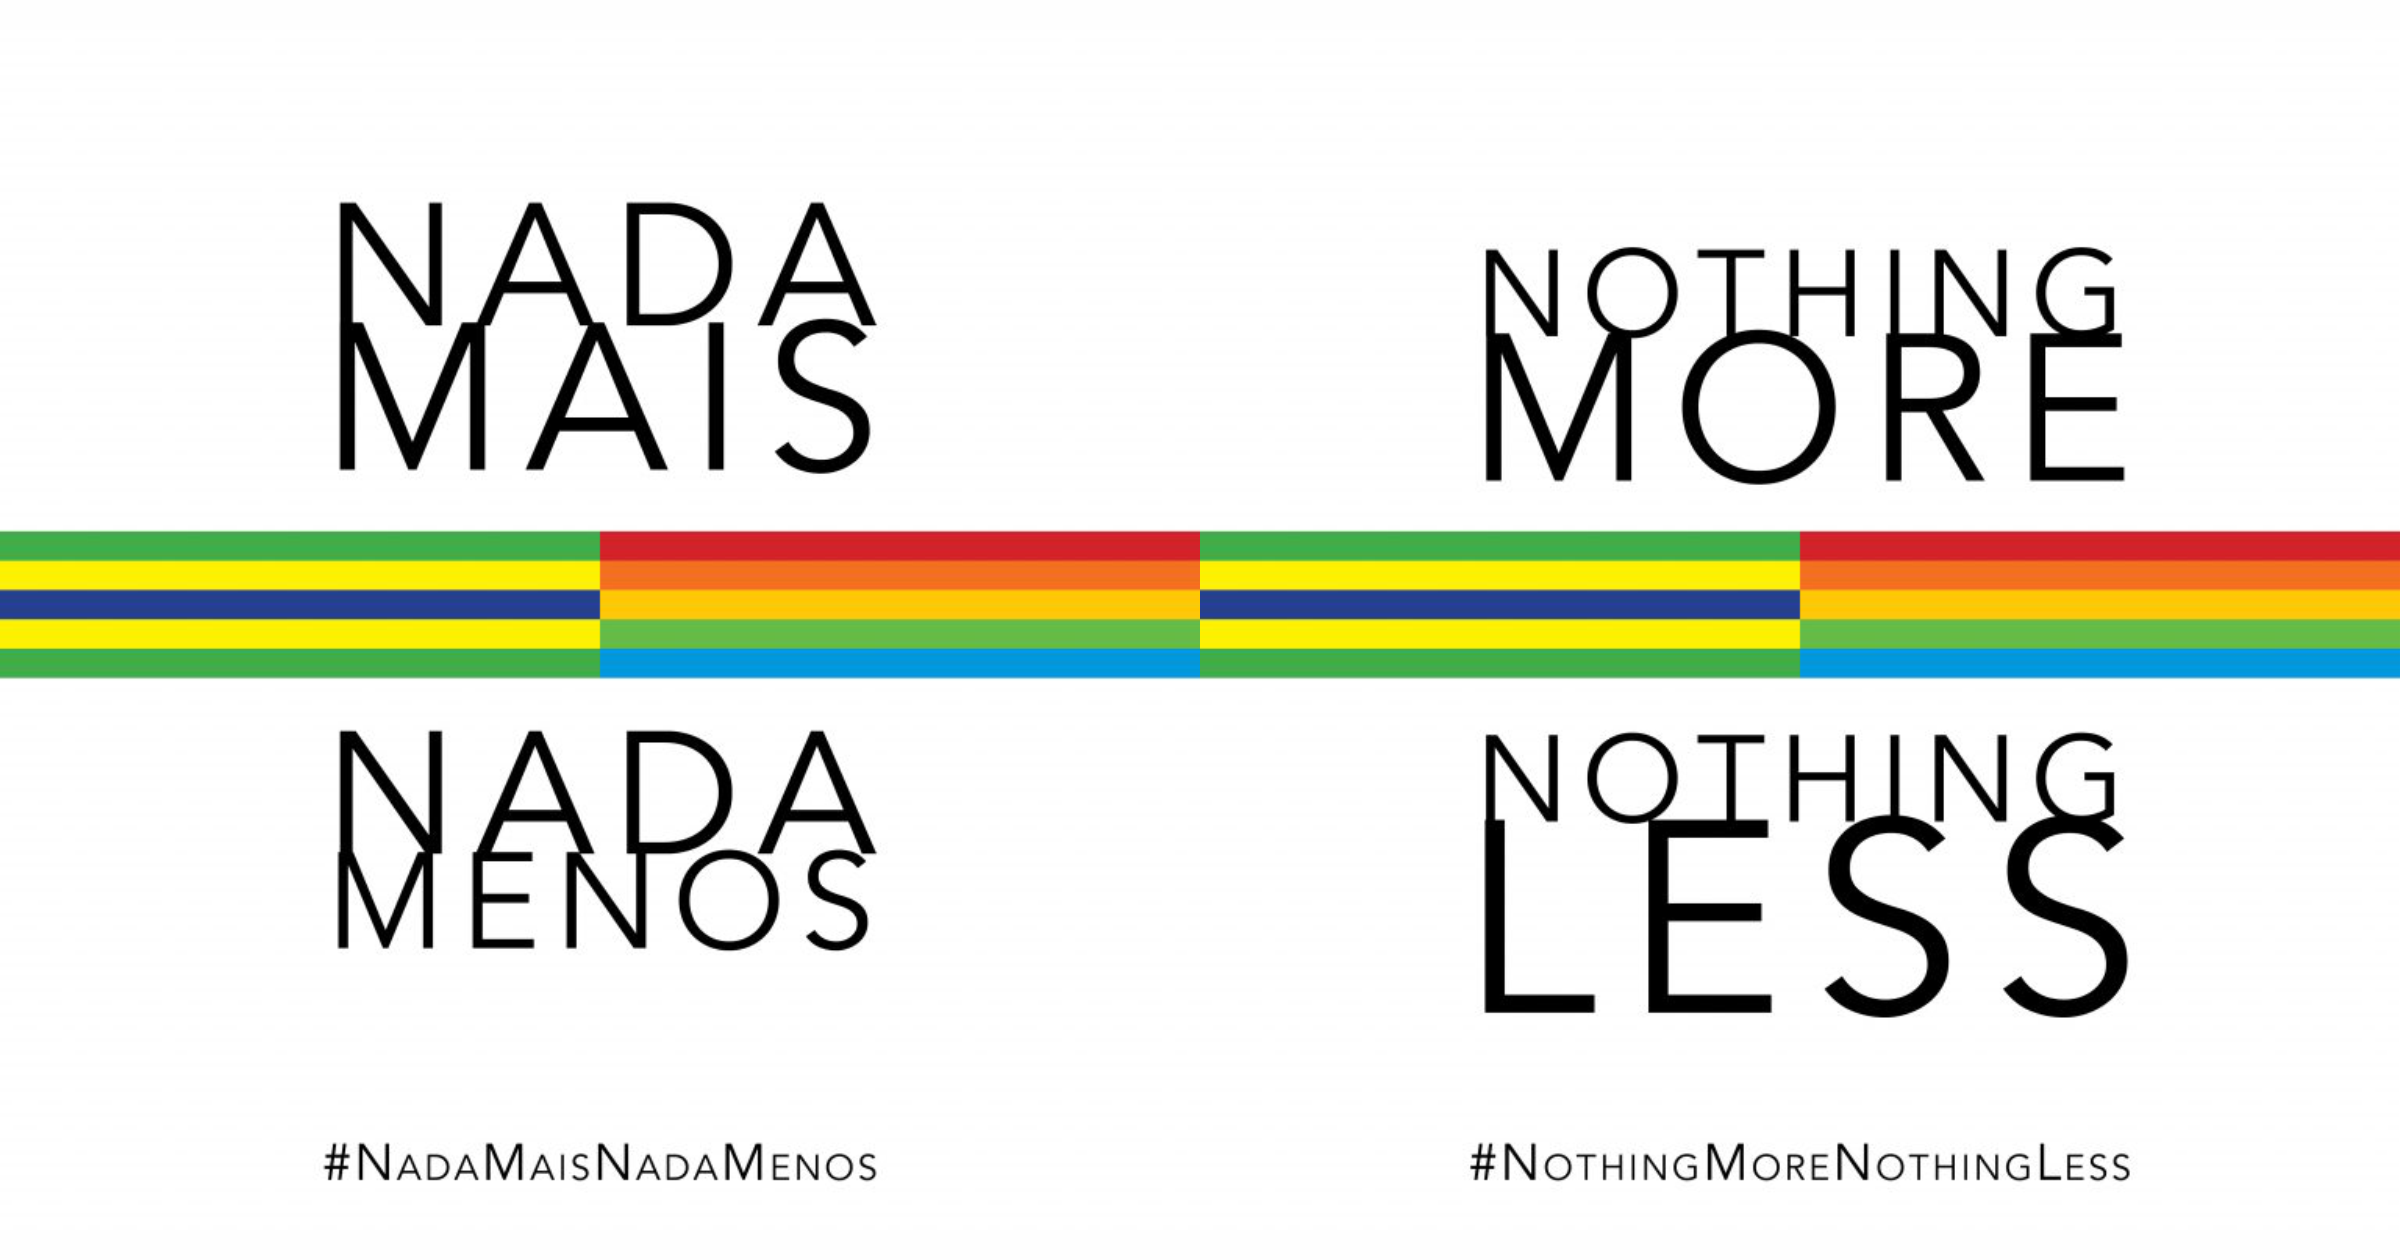 """Imagem com o slogan da carta em português e inglês. Textos: """"Nada Mais. Nada Menos"""" e a hashtag #NadaMaisNadaMenos Ao lado tem as mesmas informações, em inglês"""